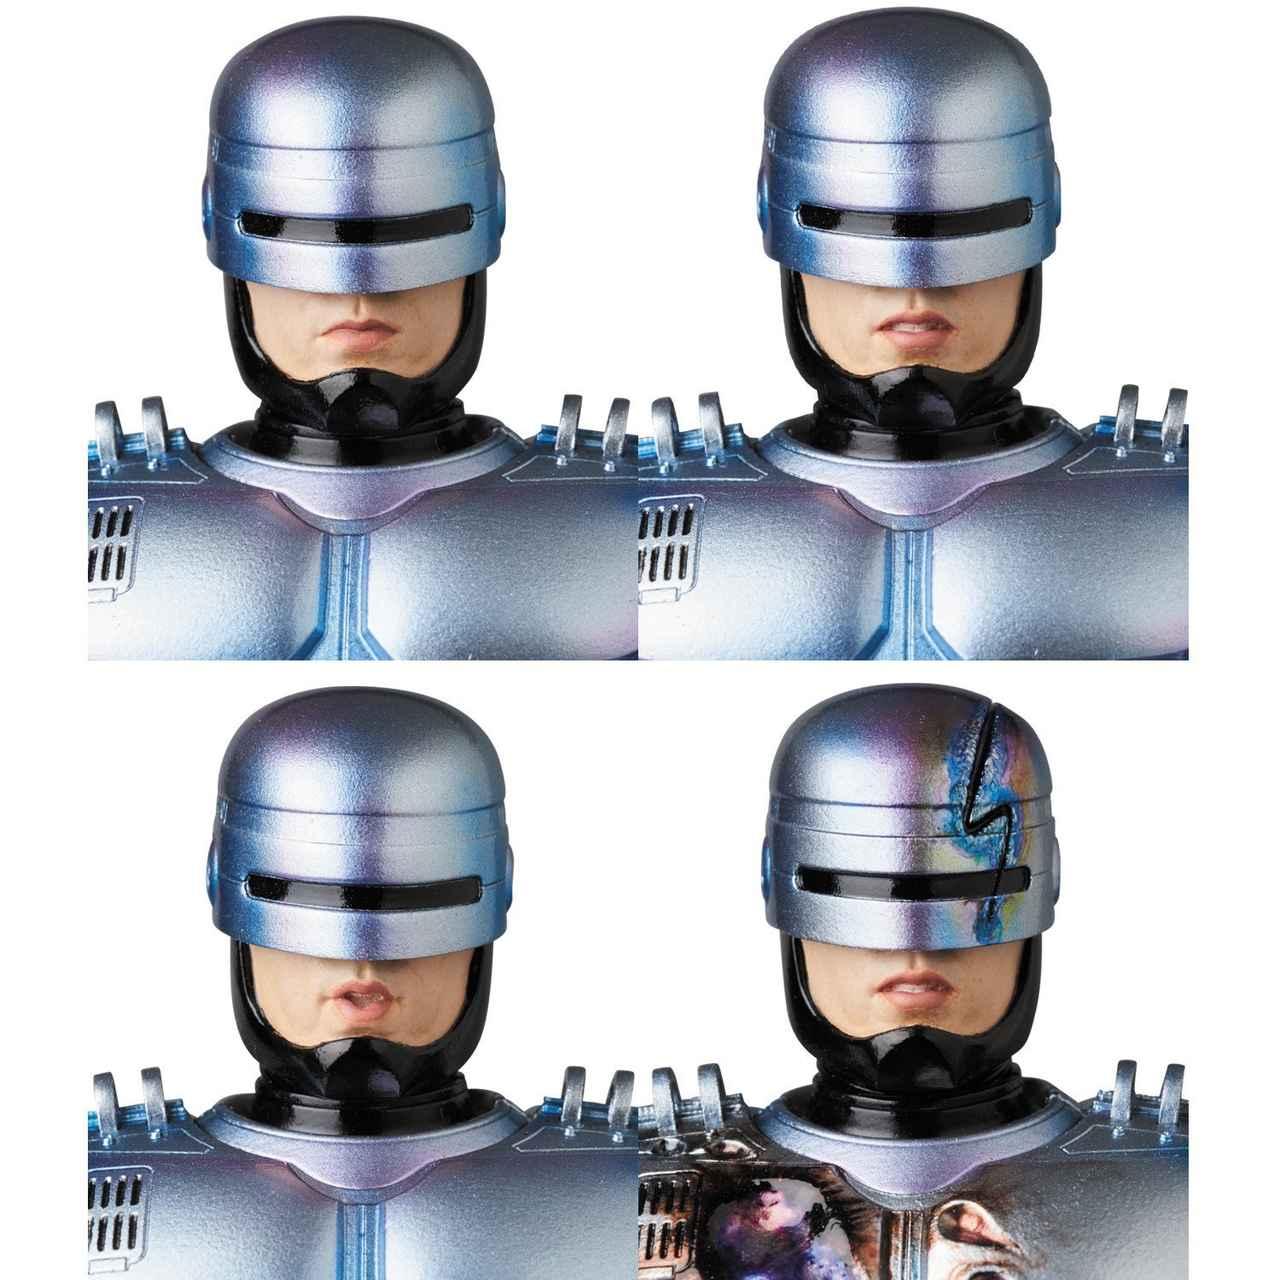 画像4: 「 ロボコップ2 」 マフェックス(MAFEX) ロボコップ